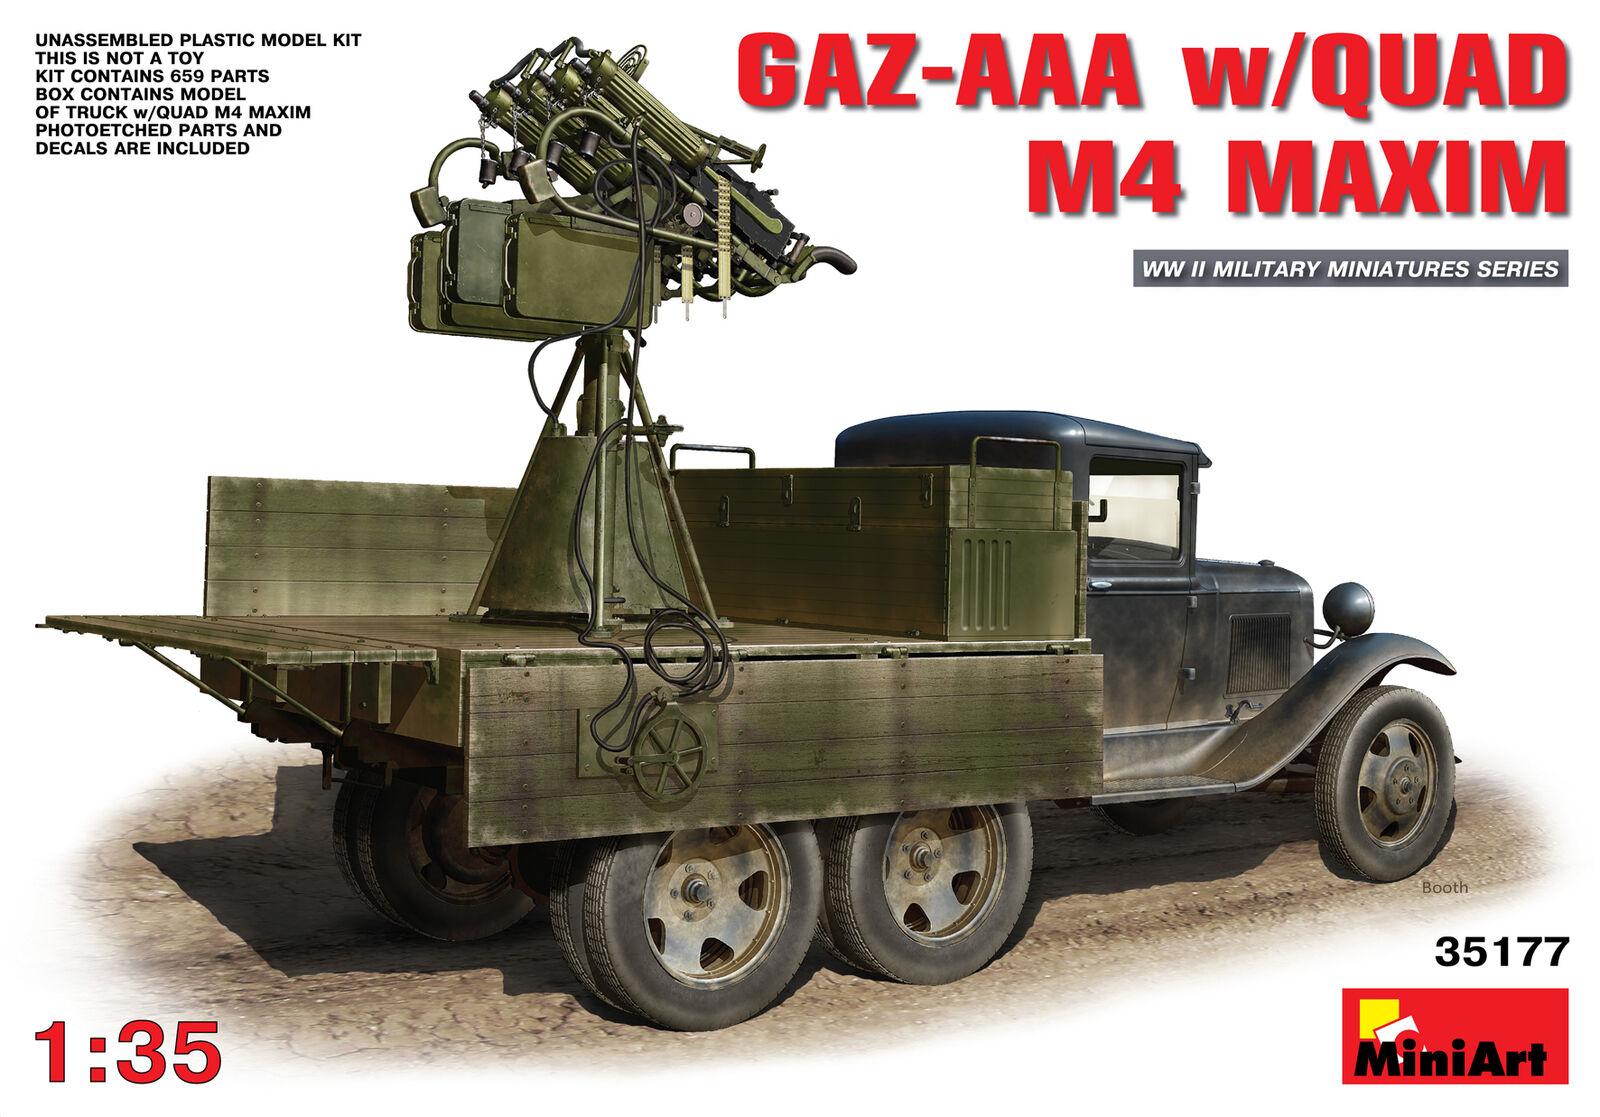 Miniart 1 35 GAZ-AAA w Quad M4 Maxim